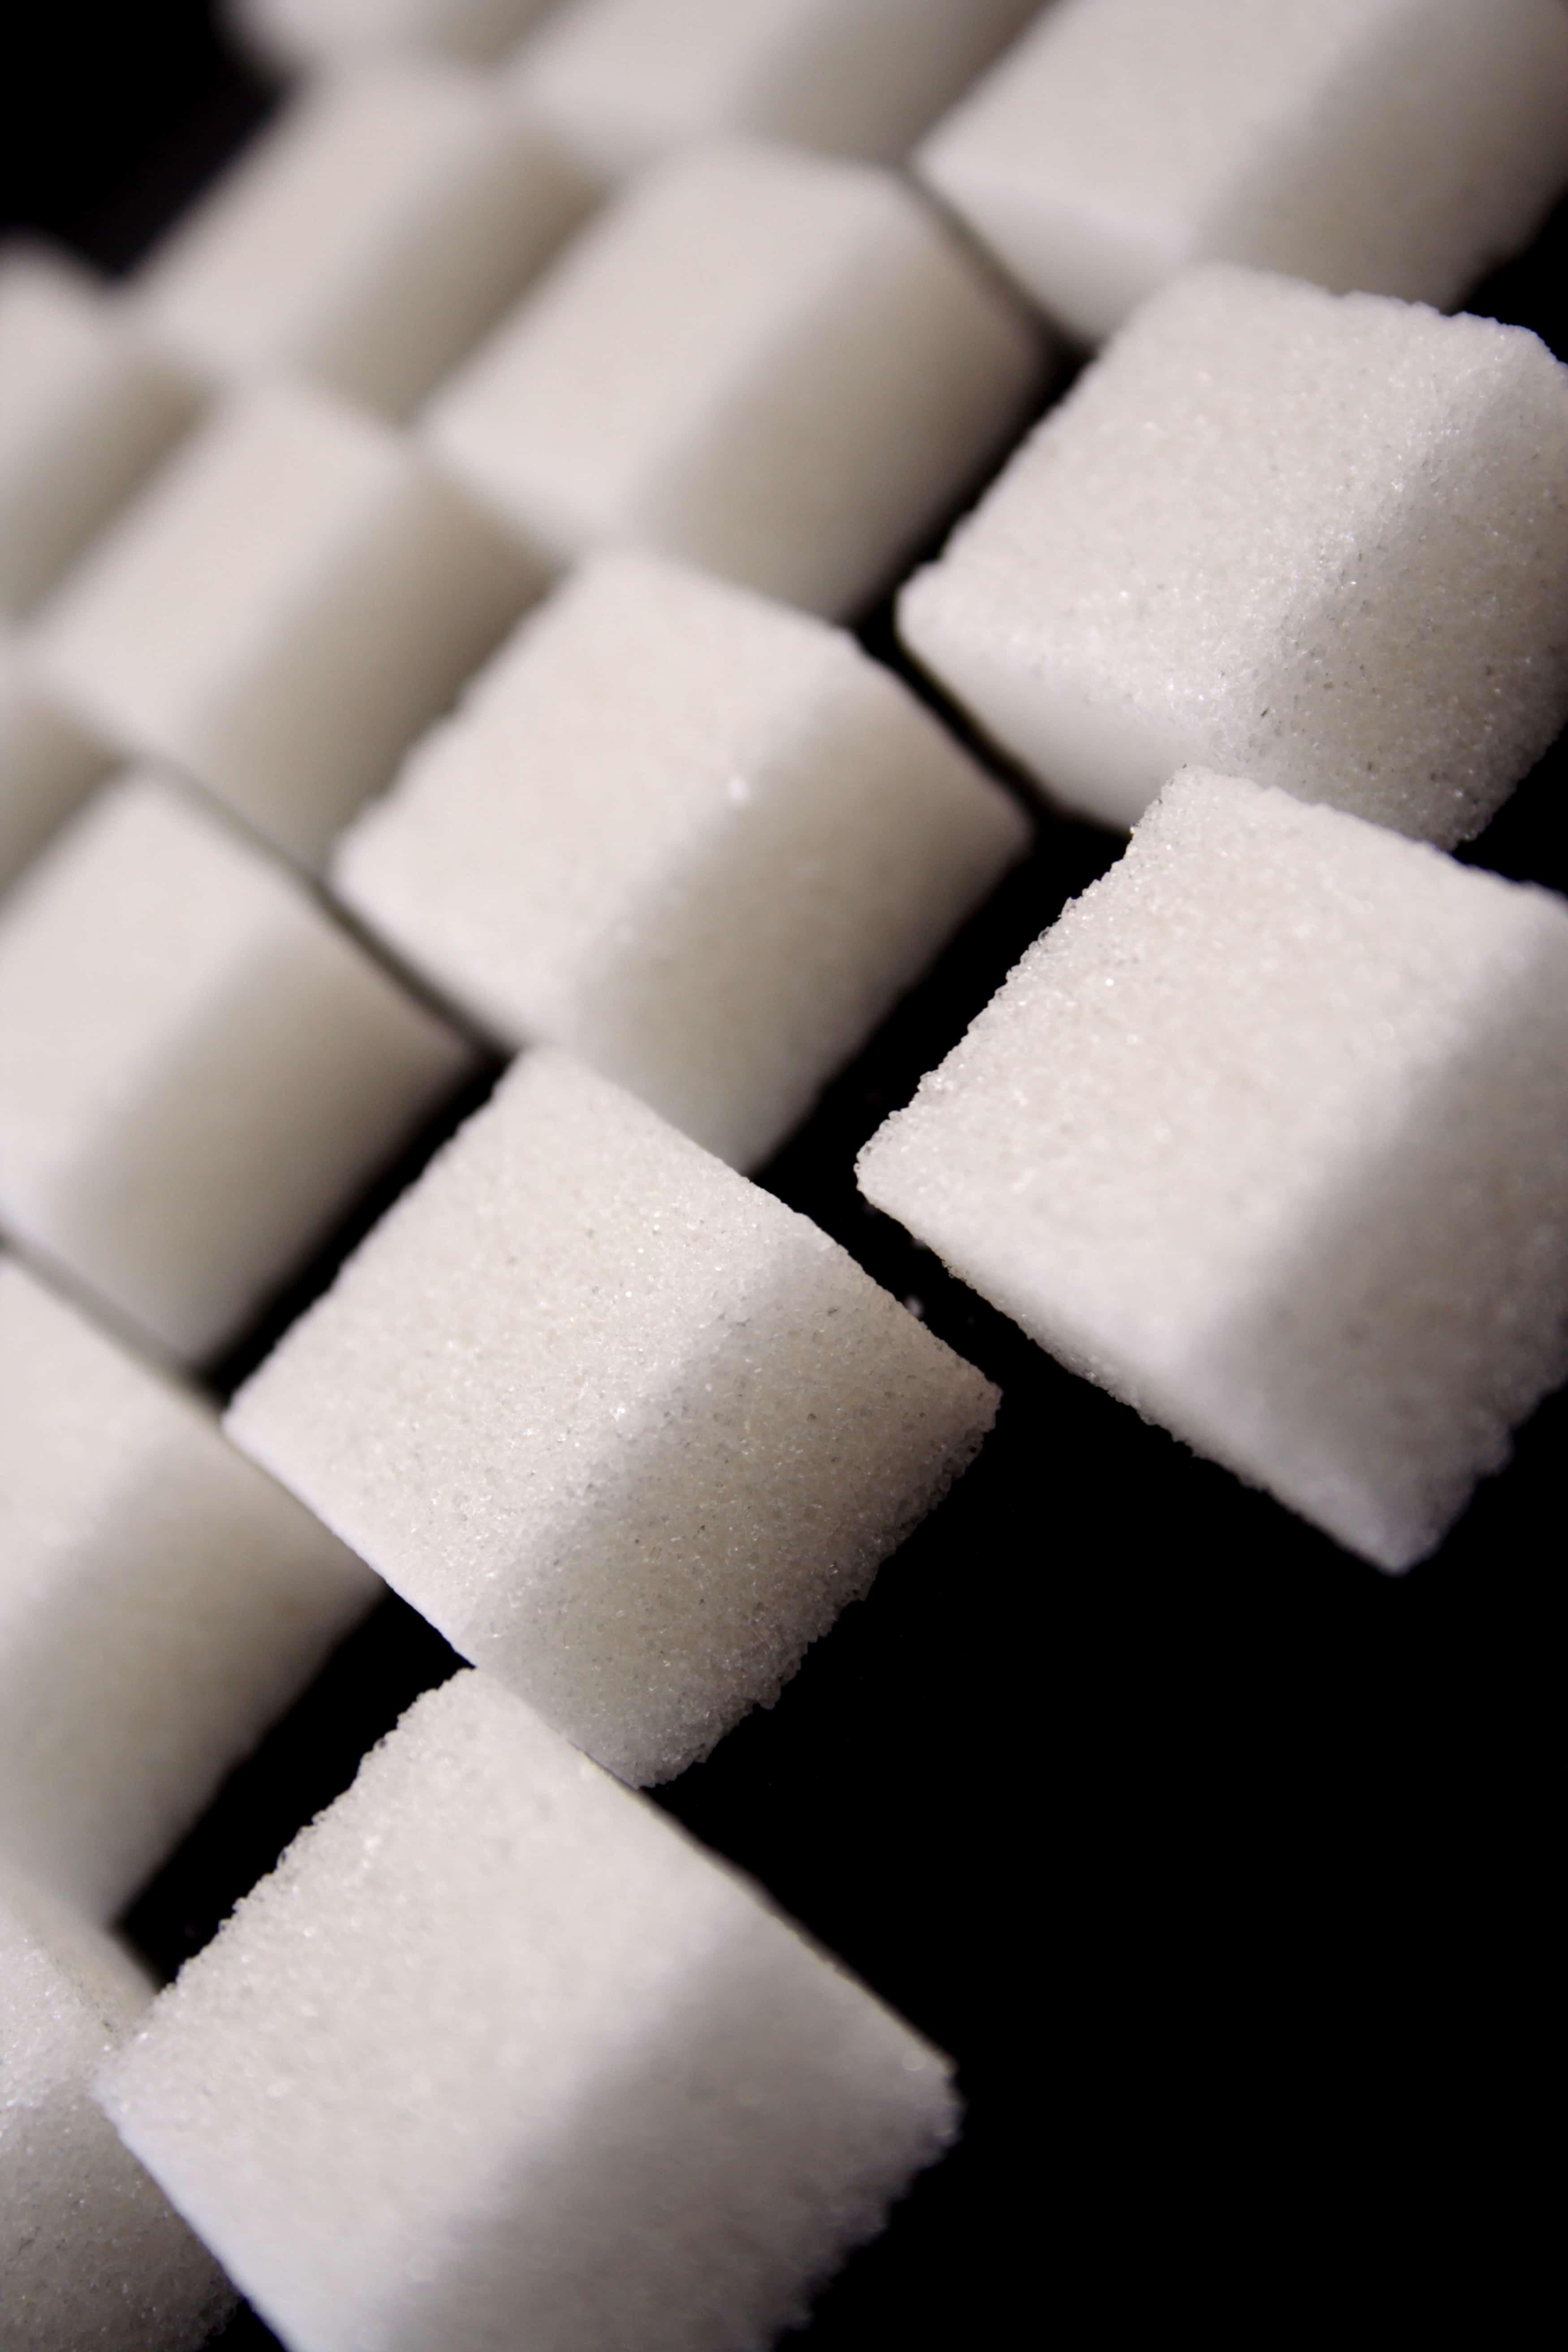 keto diets sugar image